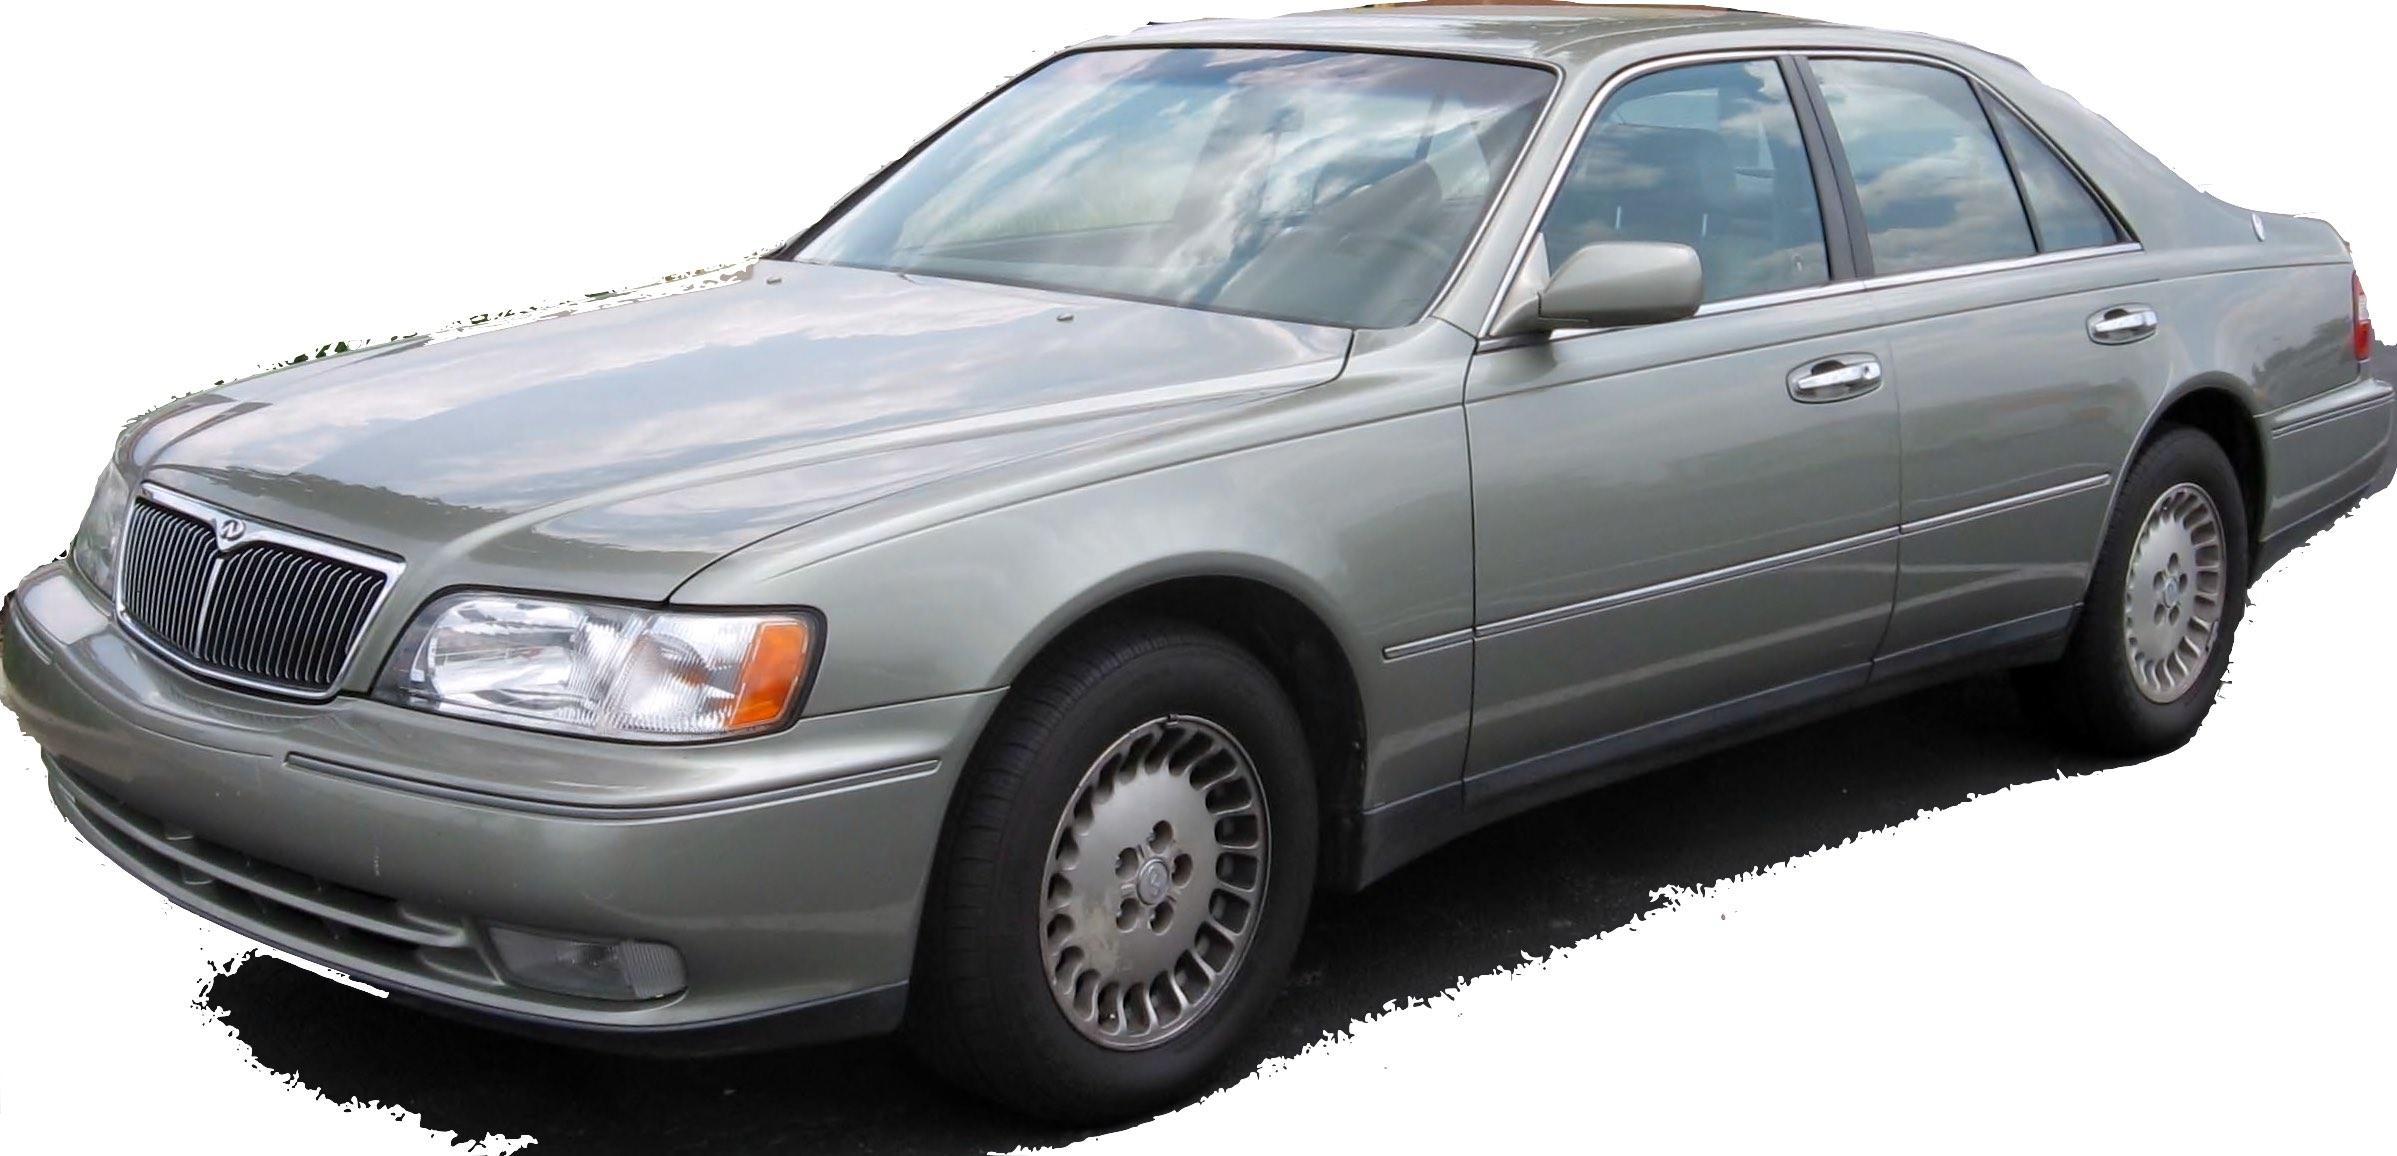 Infiniti Q45  Fy33  1997